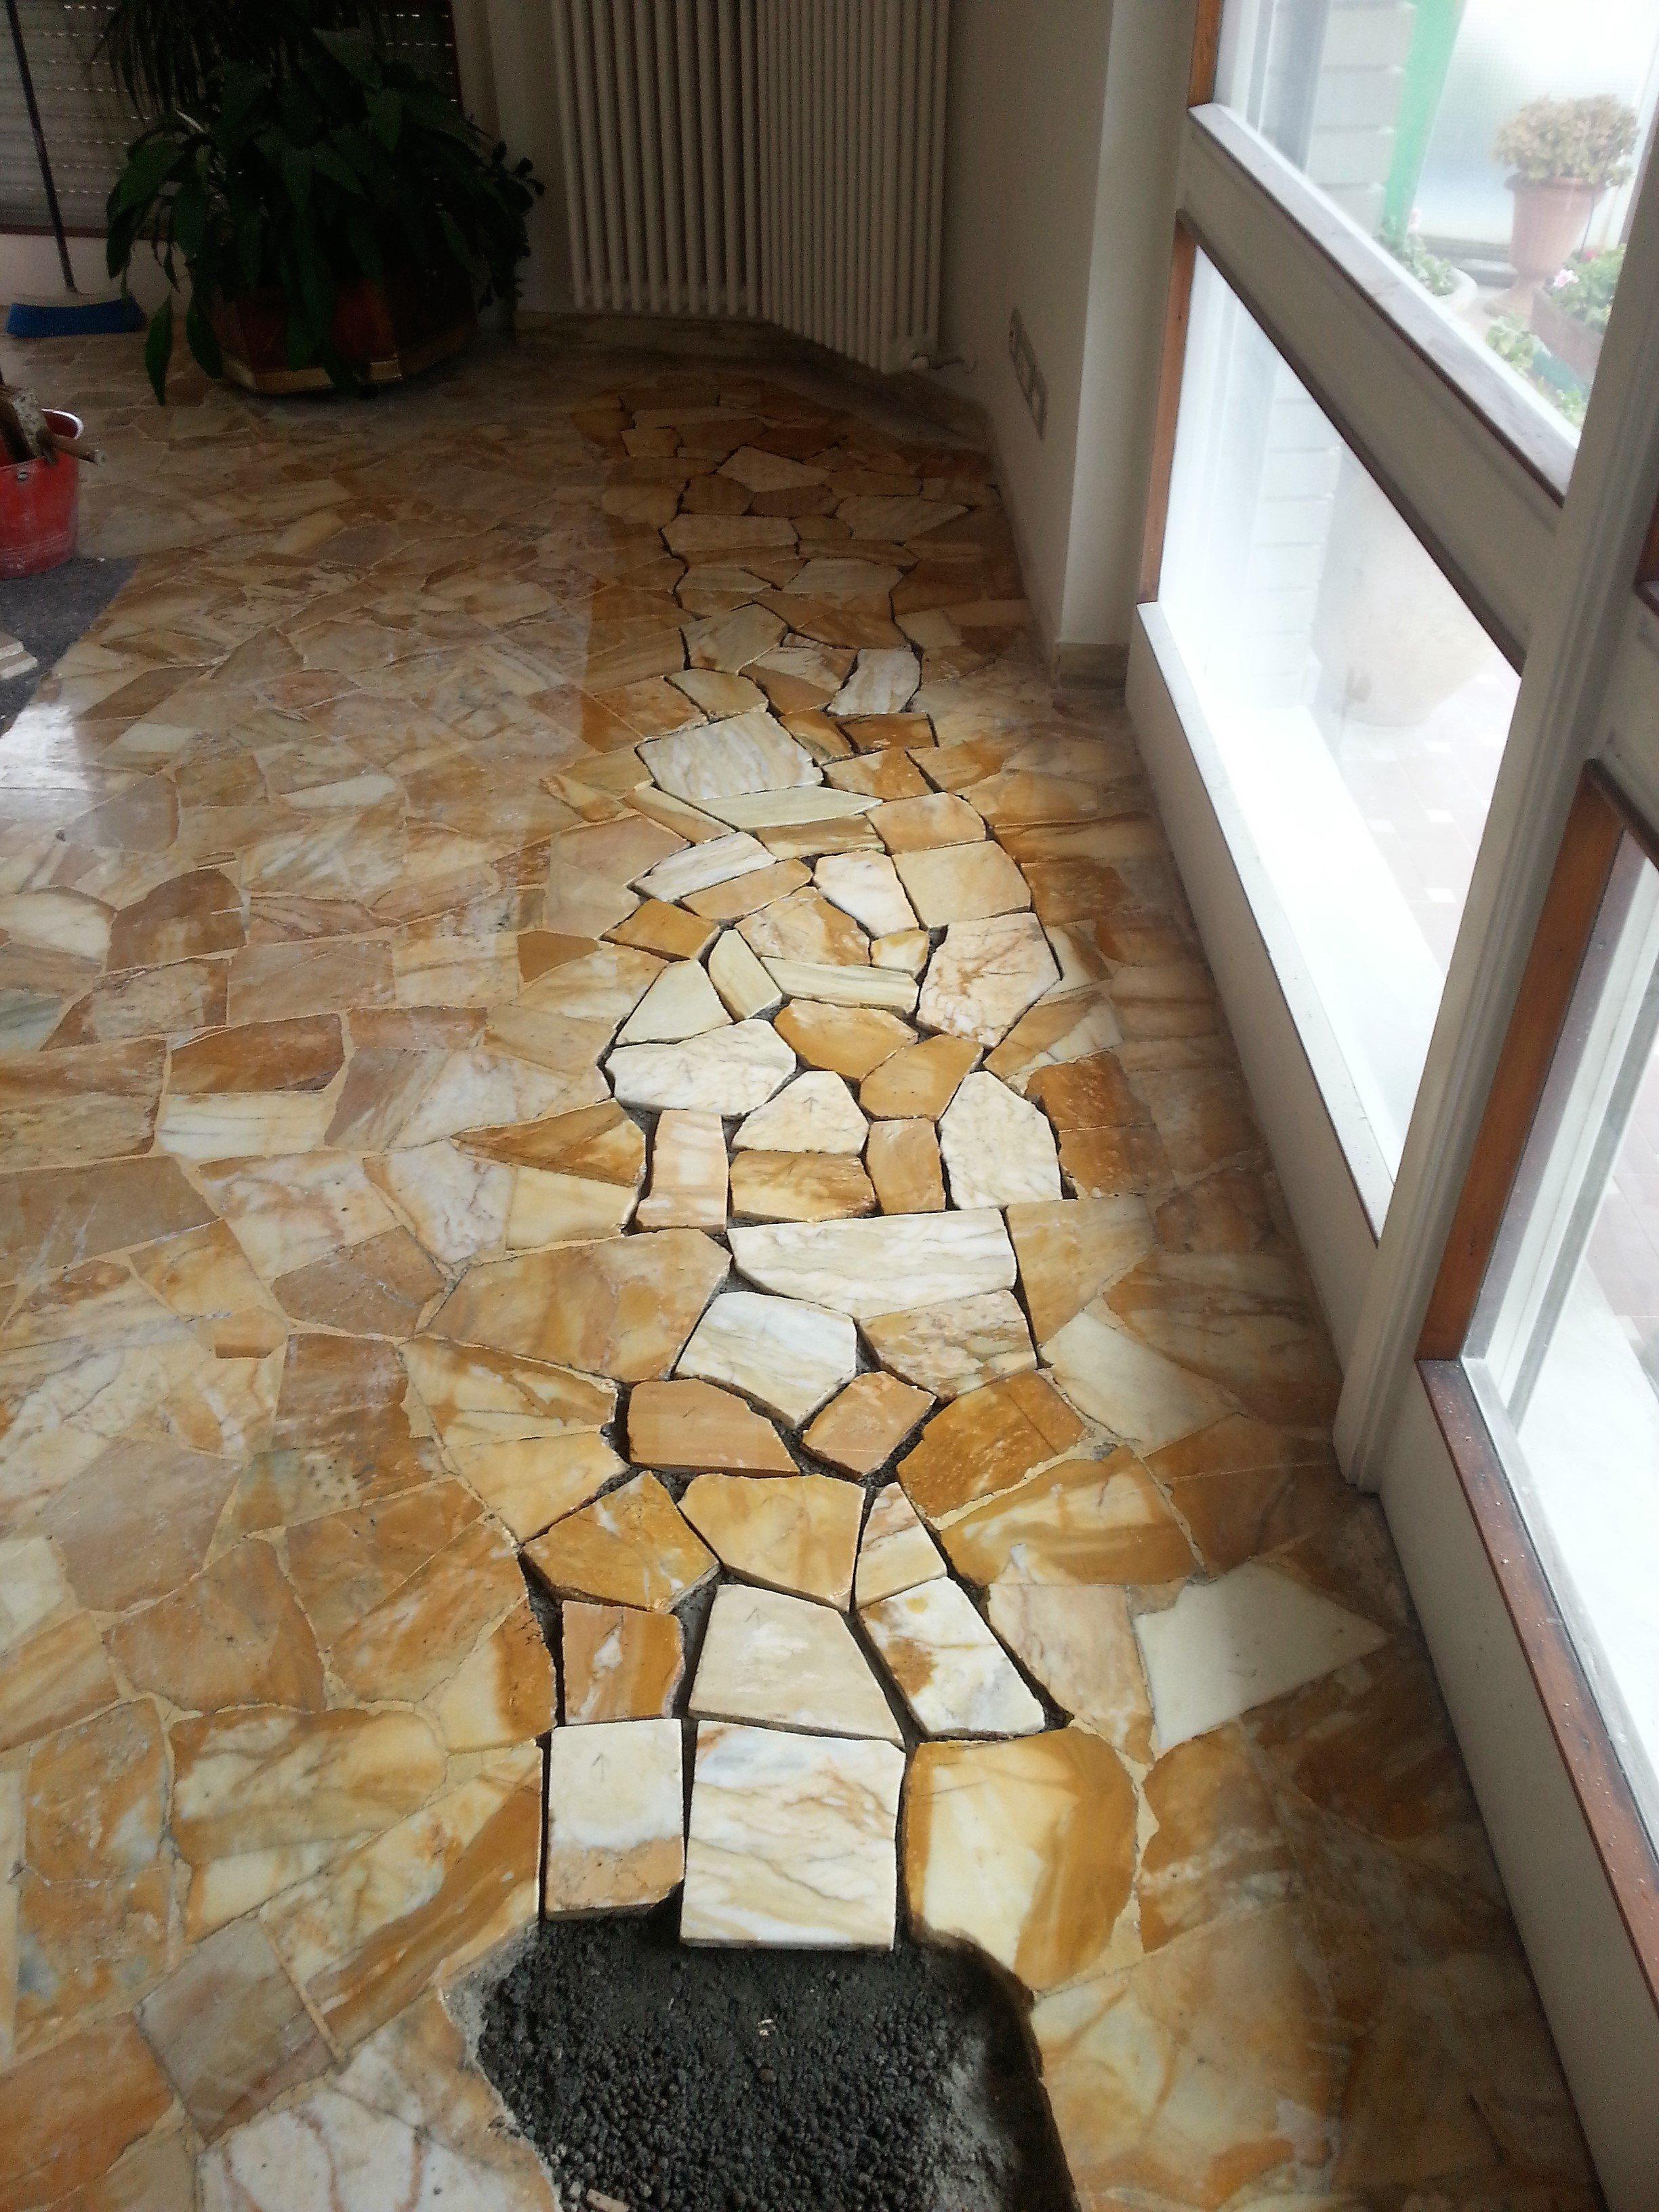 ricostruzione pavimento alla palladiana